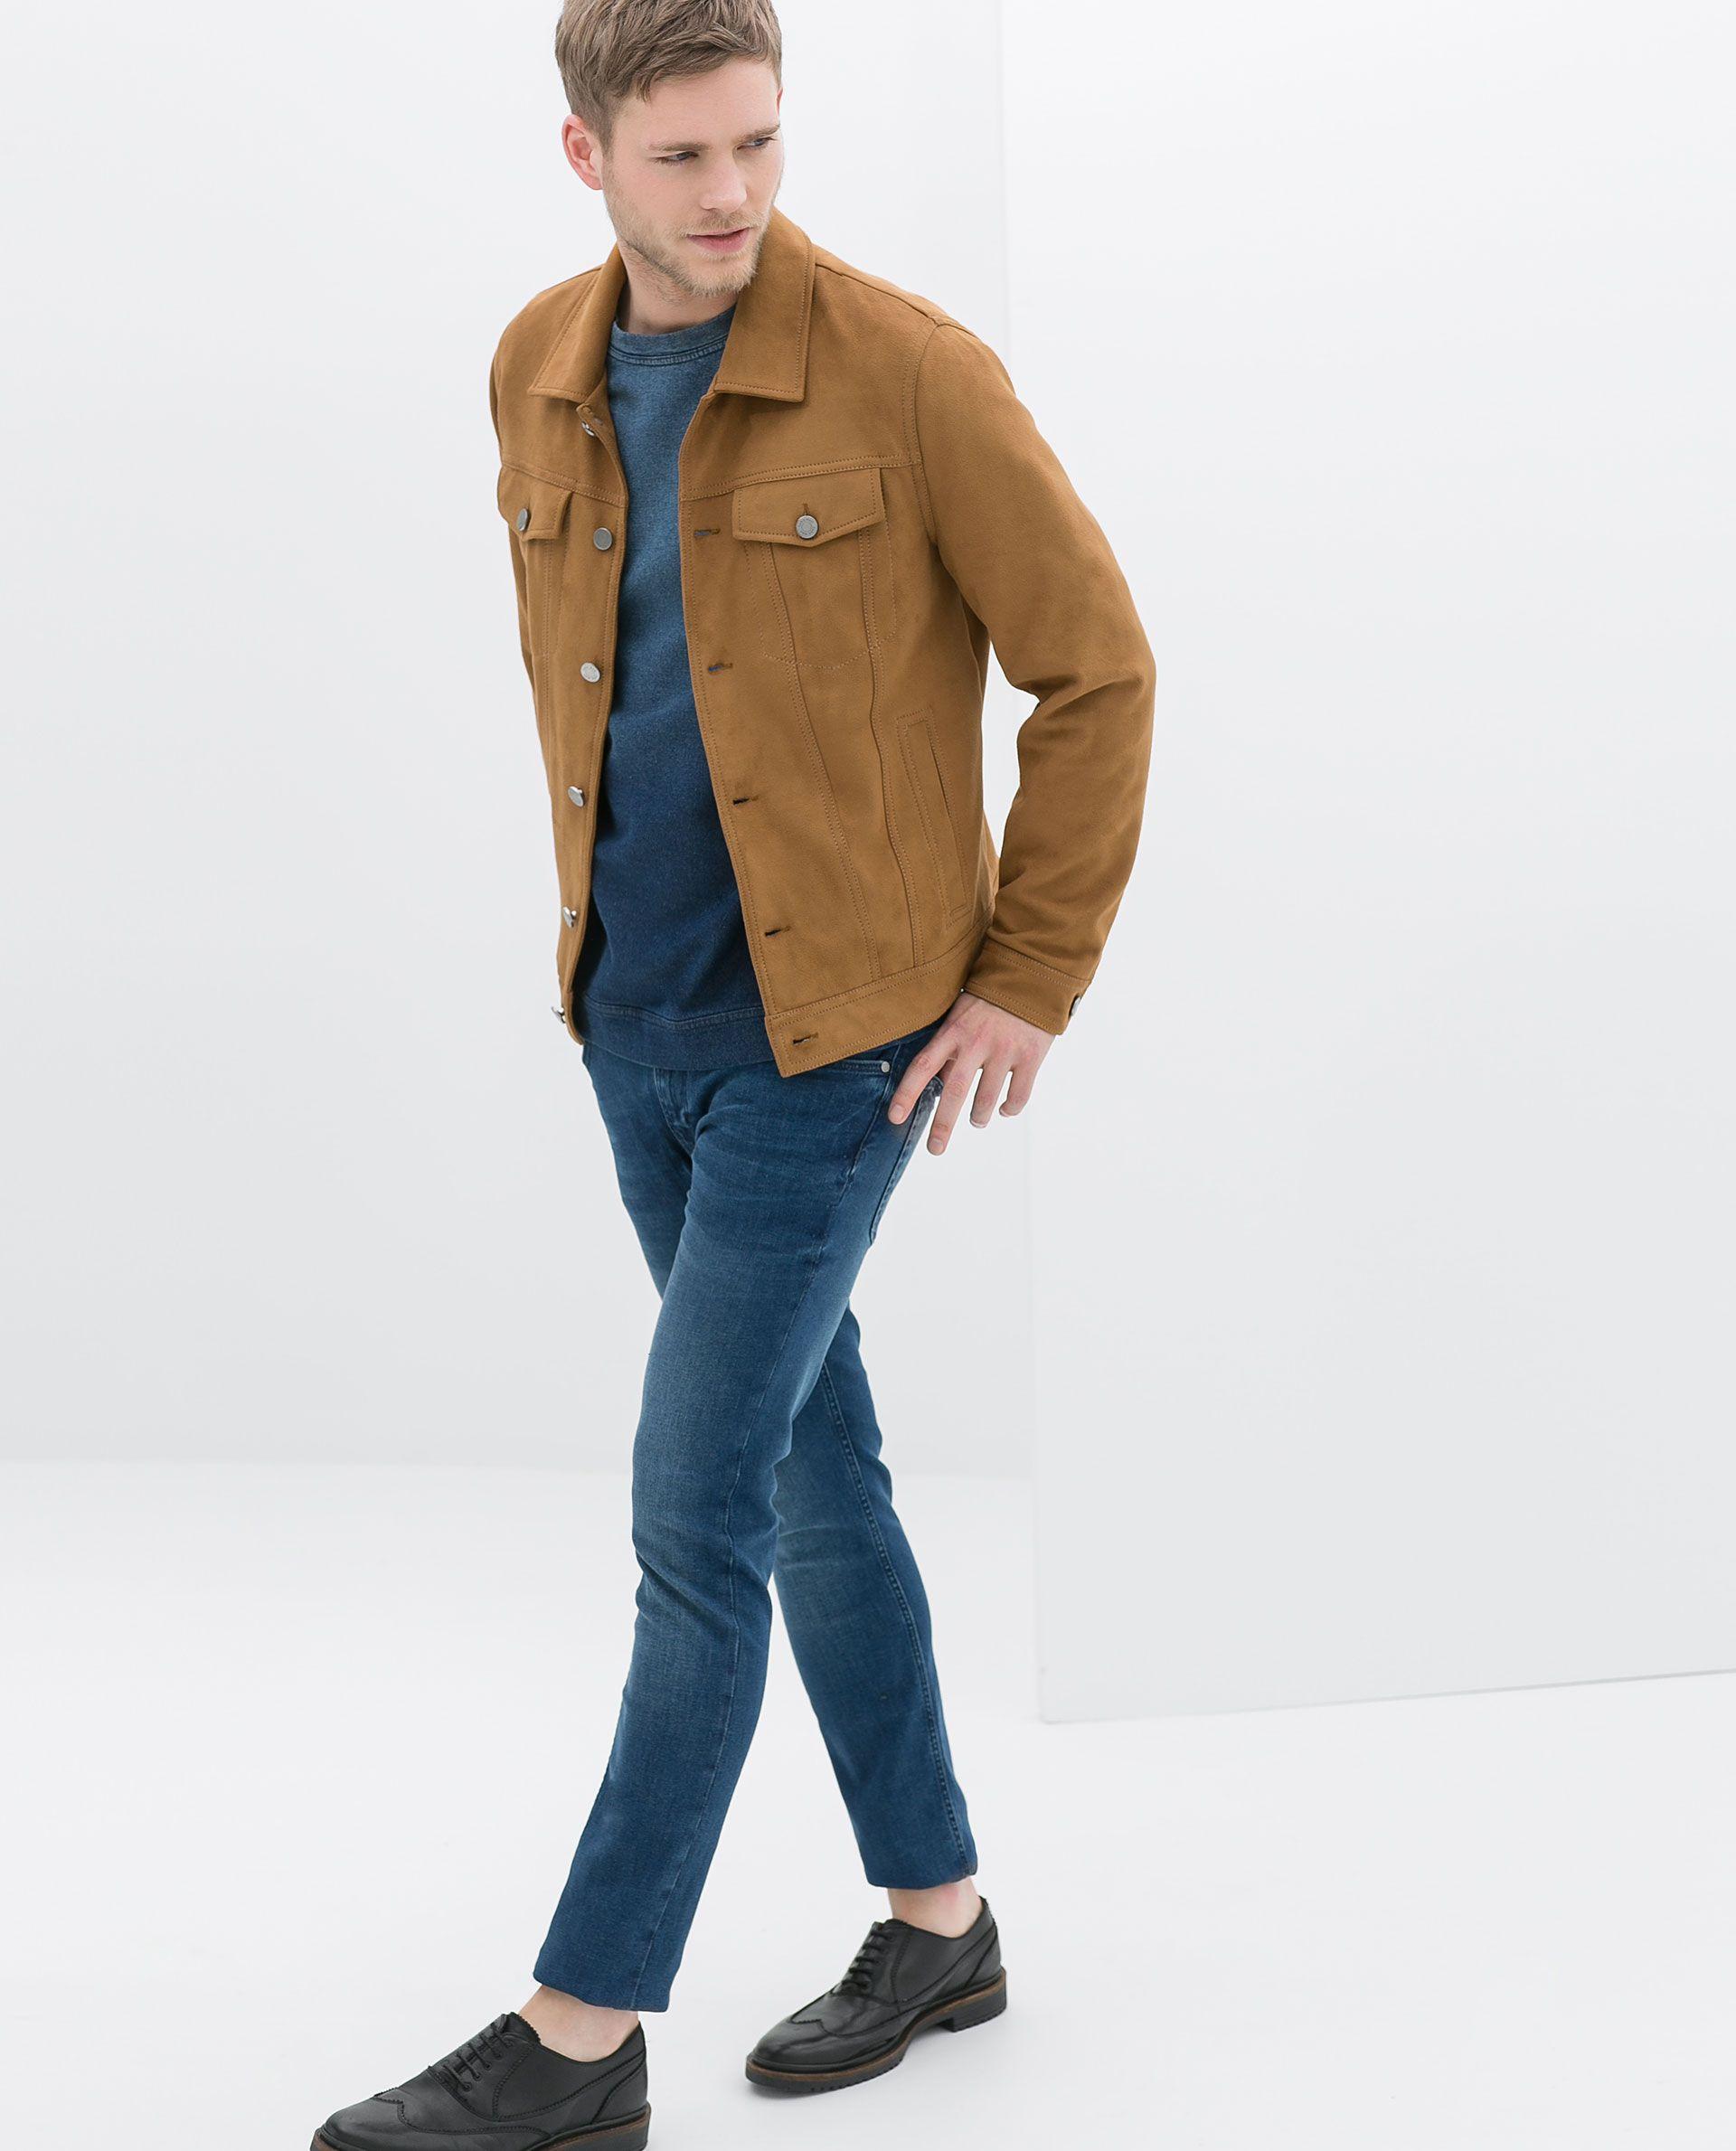 Zara Faux Suede Denim Style Jacket With Pocket In Orange For Men Mustard Lyst Denim Fashion Jackets Zara